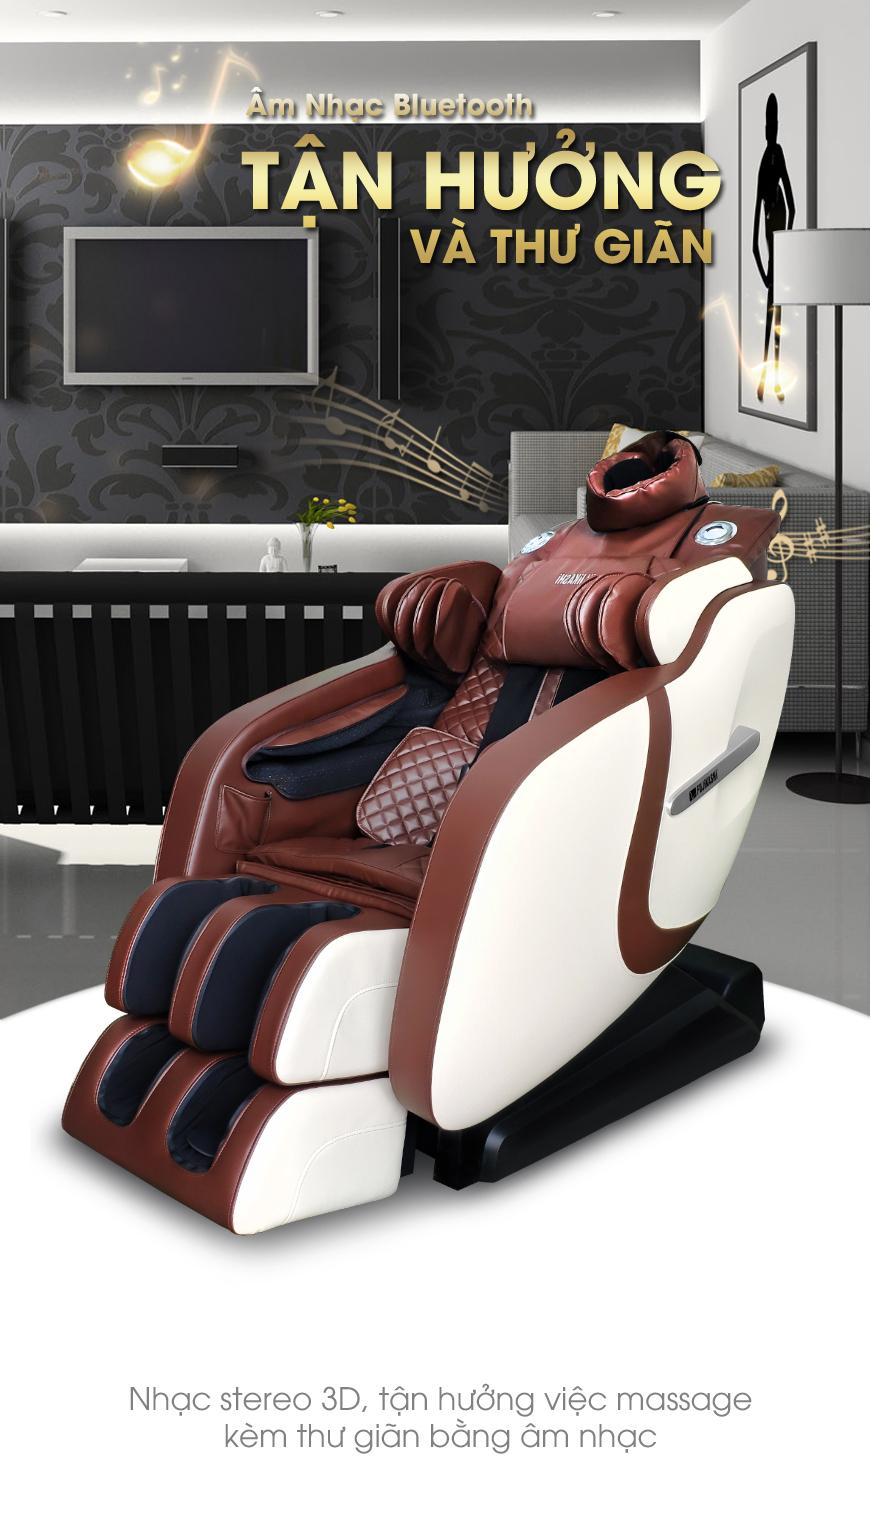 Ghế trang bị loa nghe nhạc cho bạn thoải mái tận hưởng massage nghe nhạc thư giãn toàn thân.